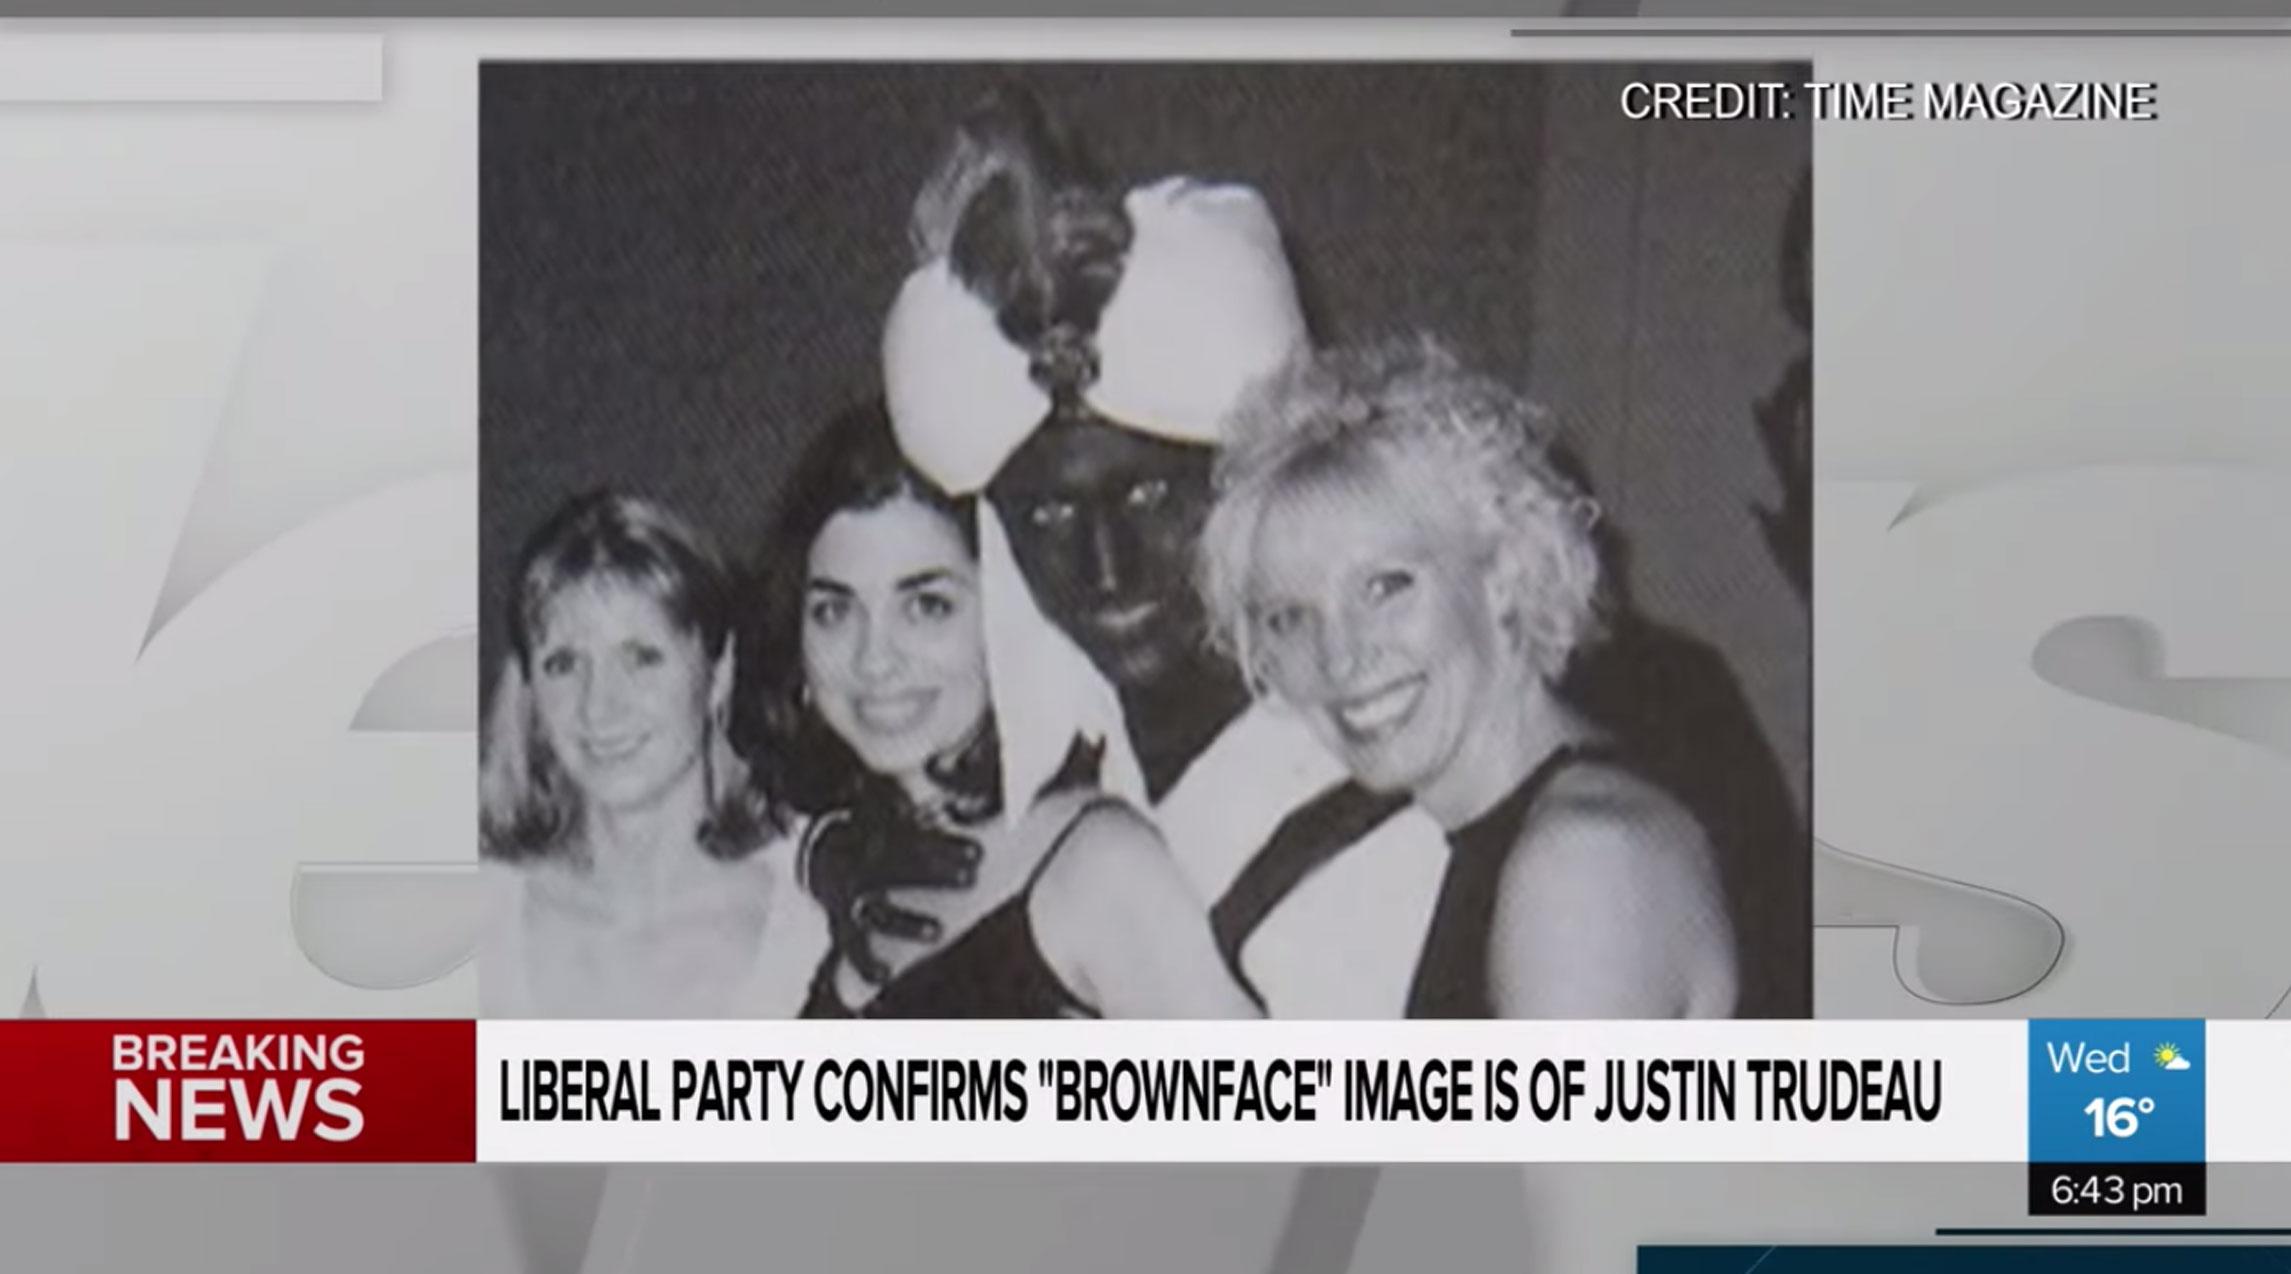 Σάλος με τον… μαύρο Αλαντίν του Τζάστιν Τριντό - Η ρατσιστική φωτογραφία από το παρελθόν και η συγγνώμη